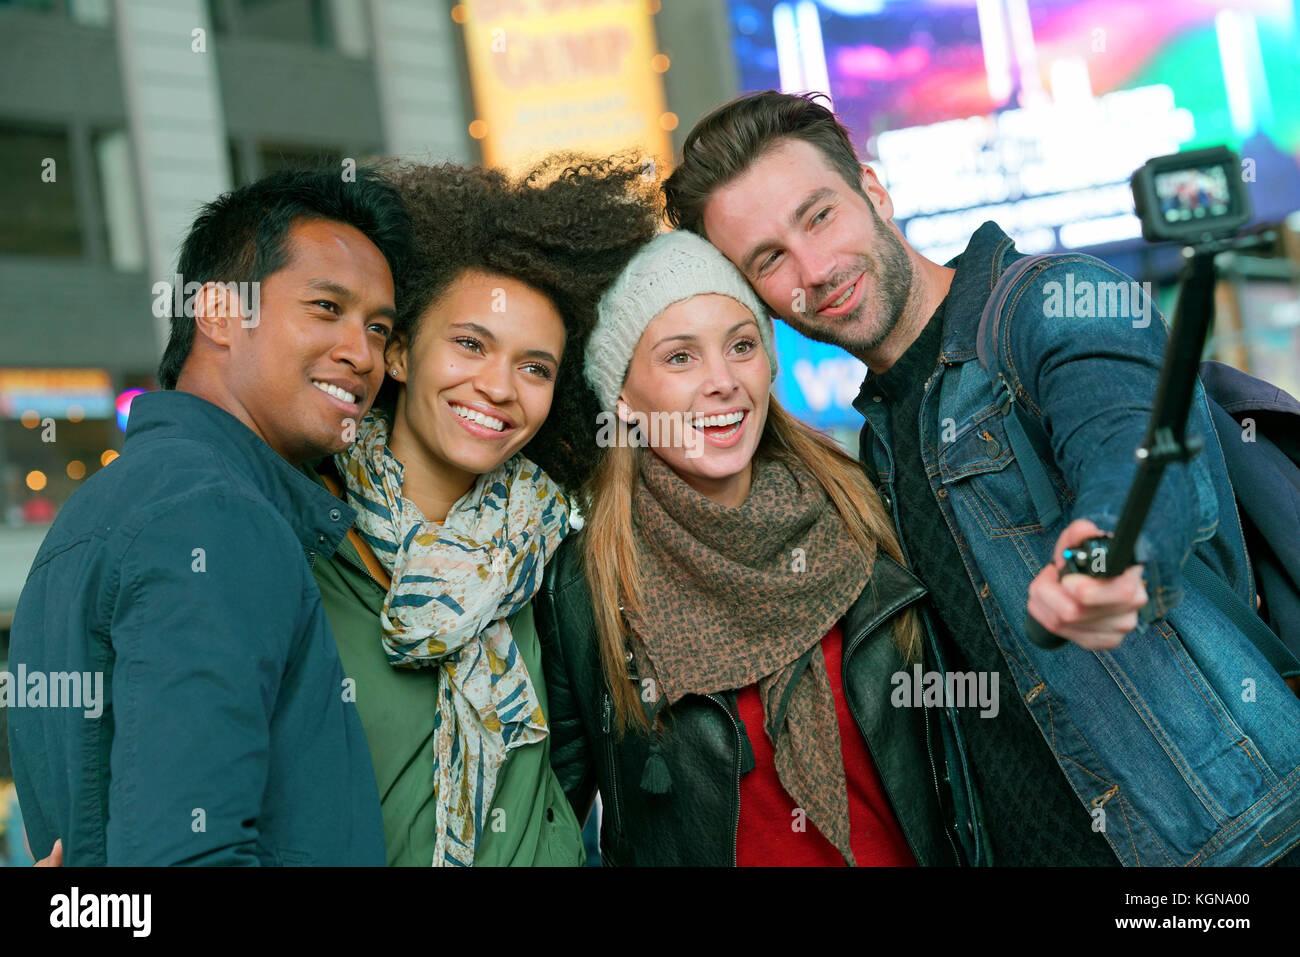 Amis à Times square en tenant photo selfies Photo Stock